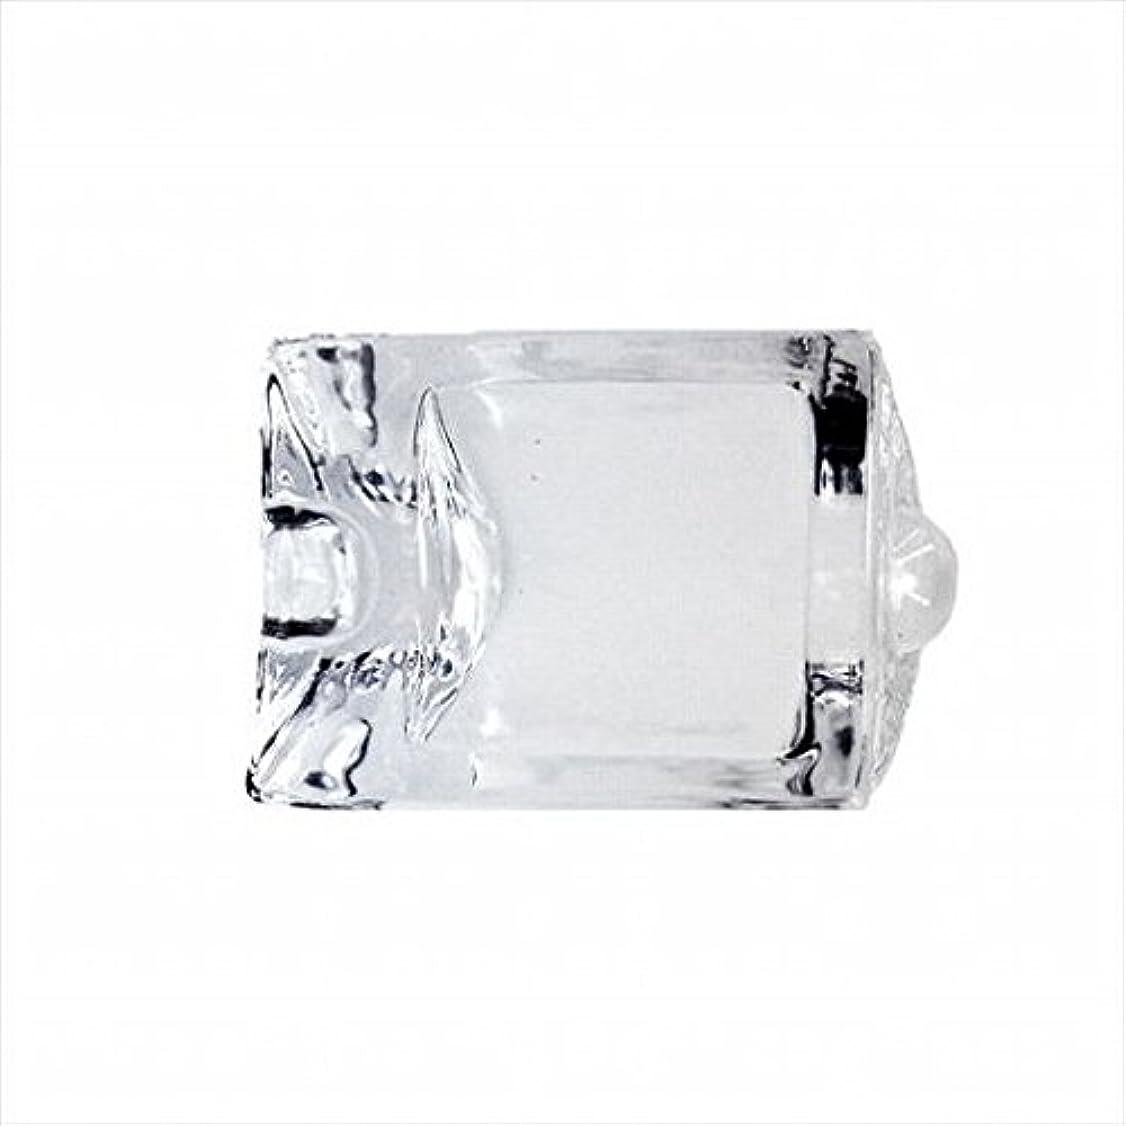 見積りセブン最大のkameyama candle(カメヤマキャンドル) エンジェルアイジョイント 「 Cホワイト 」 キャンドル 47x28x67mm (I8000104W)